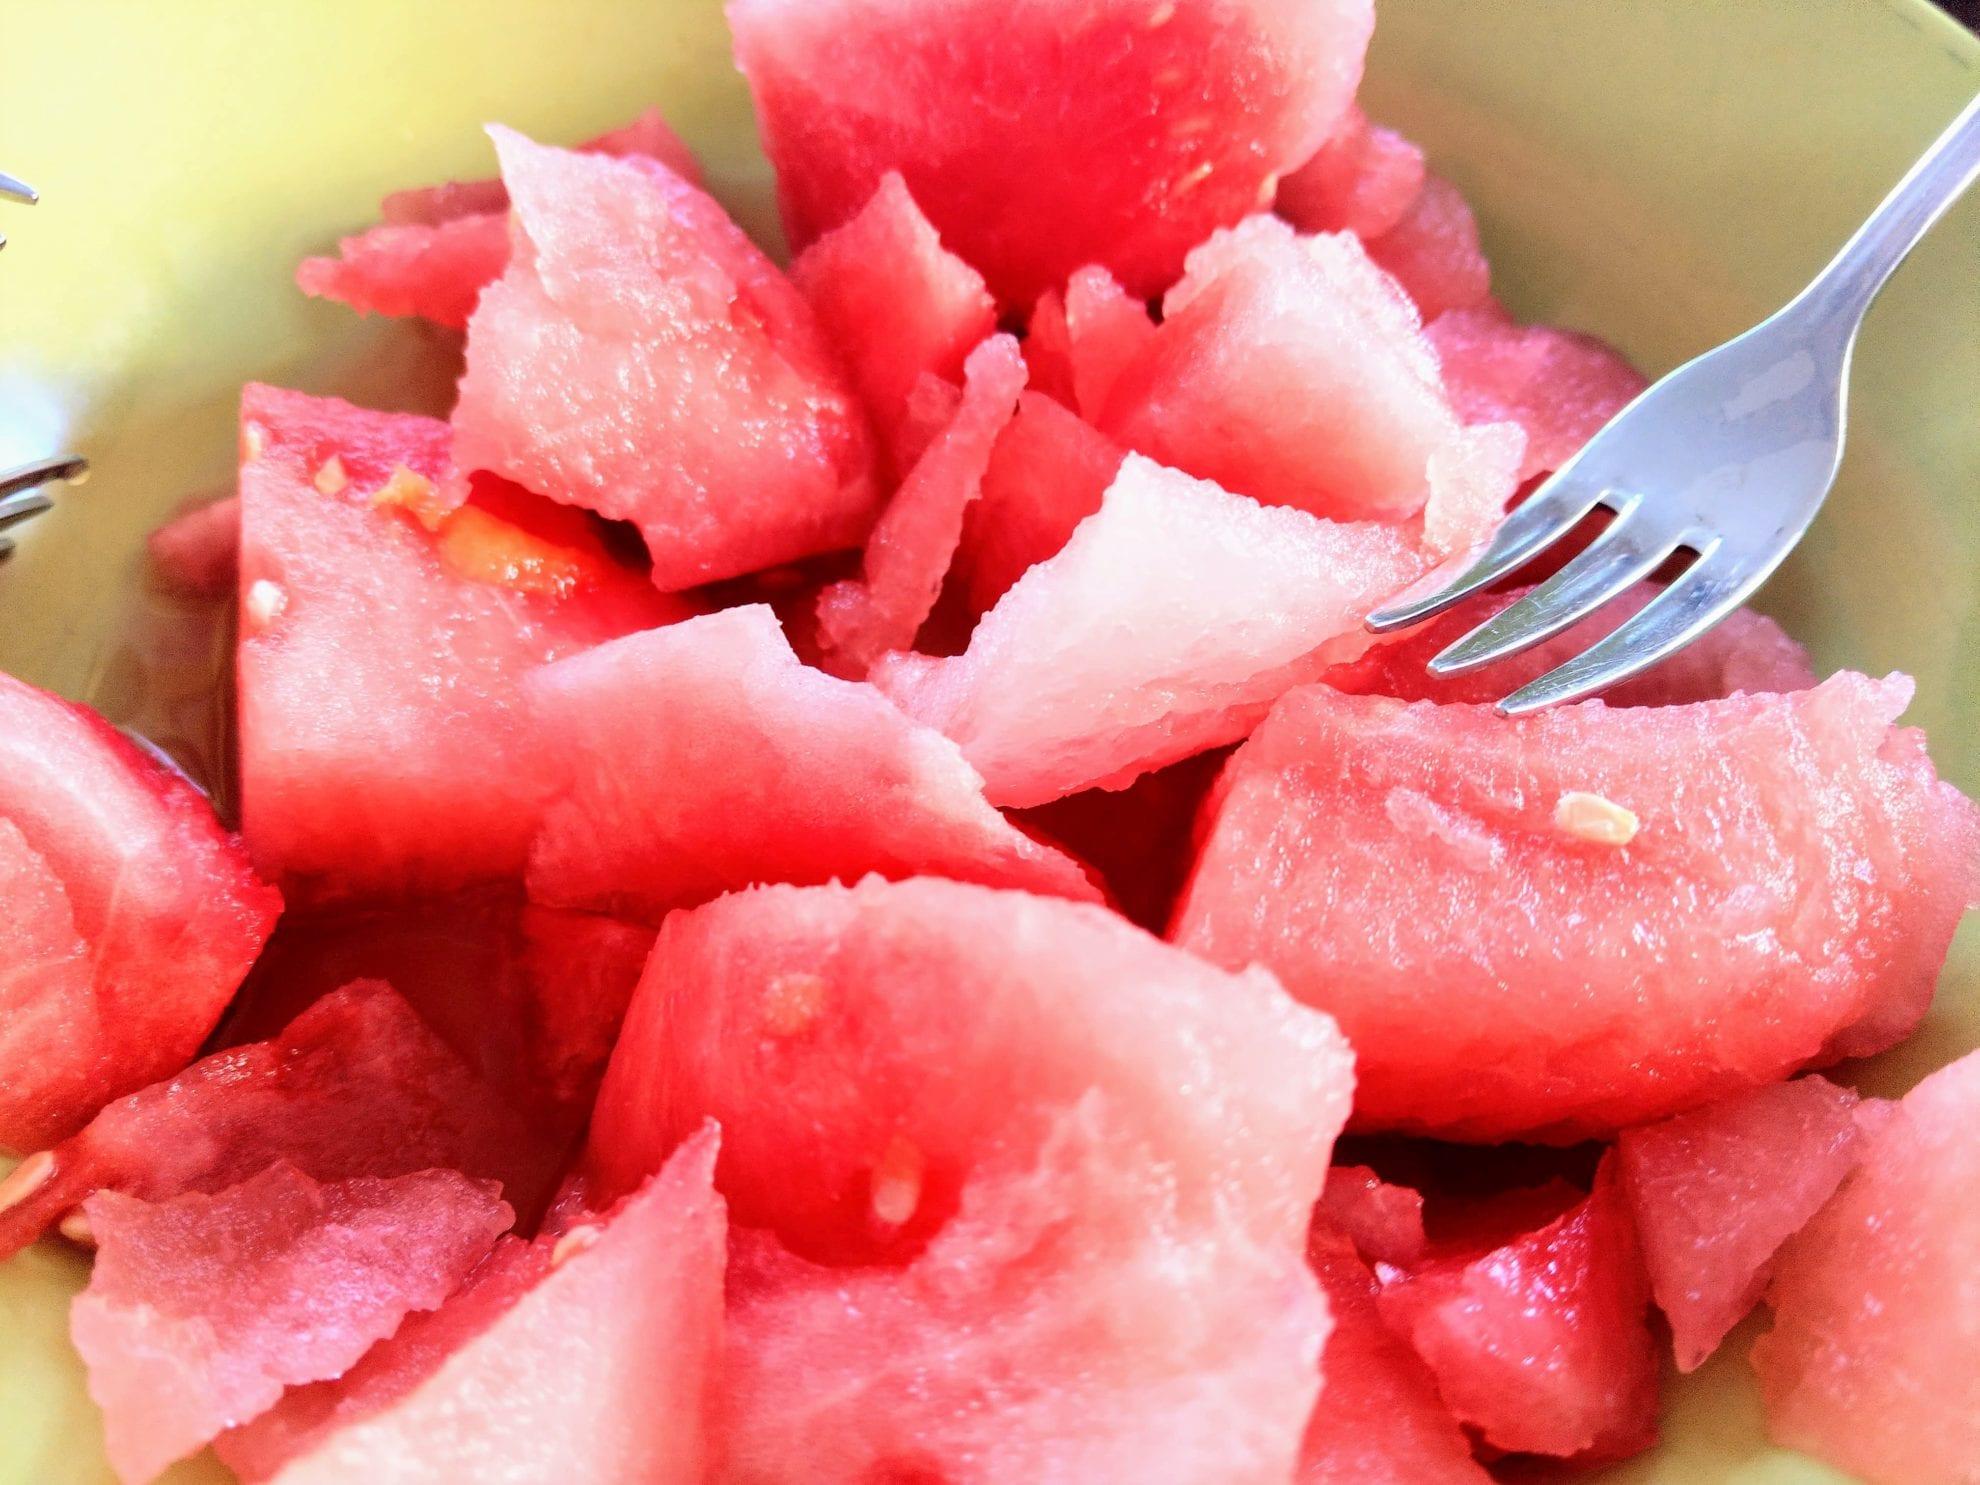 Wir sind absolute Melonenliebhaber. Deshalb essen wir sie, solange es geht. Saftige Wassermelone in mundgerechten Stücken für das 12 von 12 im August 2018 von Puddingklecks.de